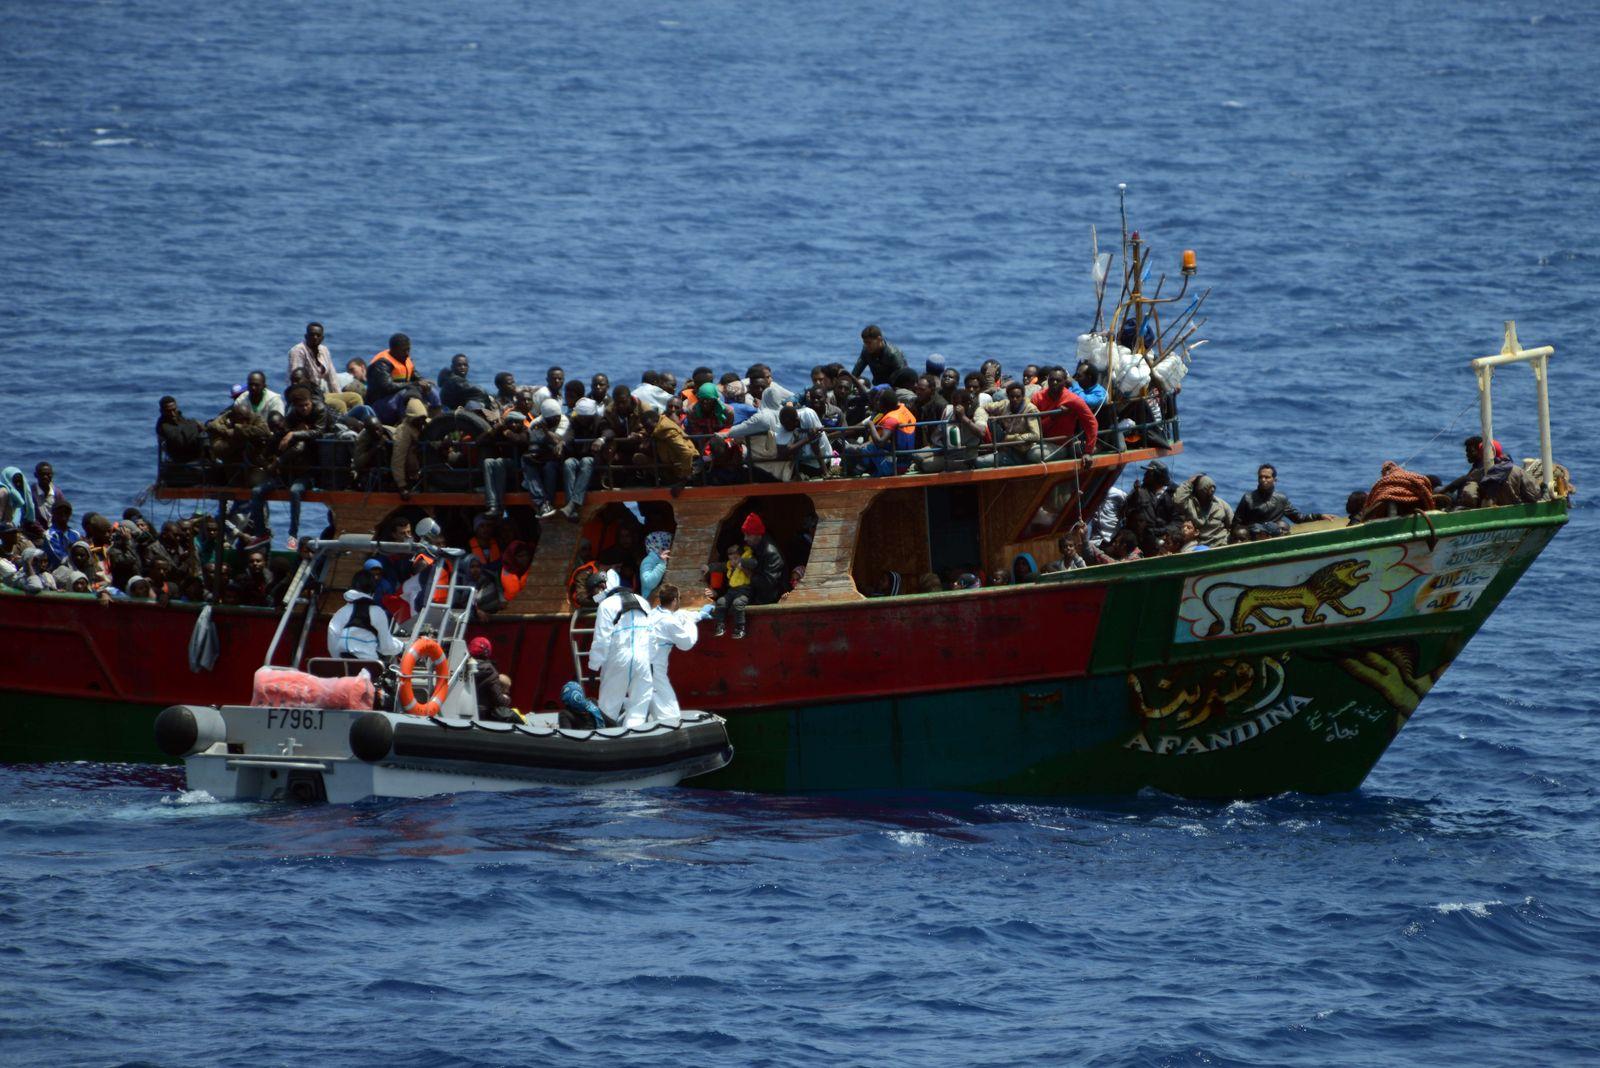 Mittelmeer: Französische Marine rettet Flüchtlinge